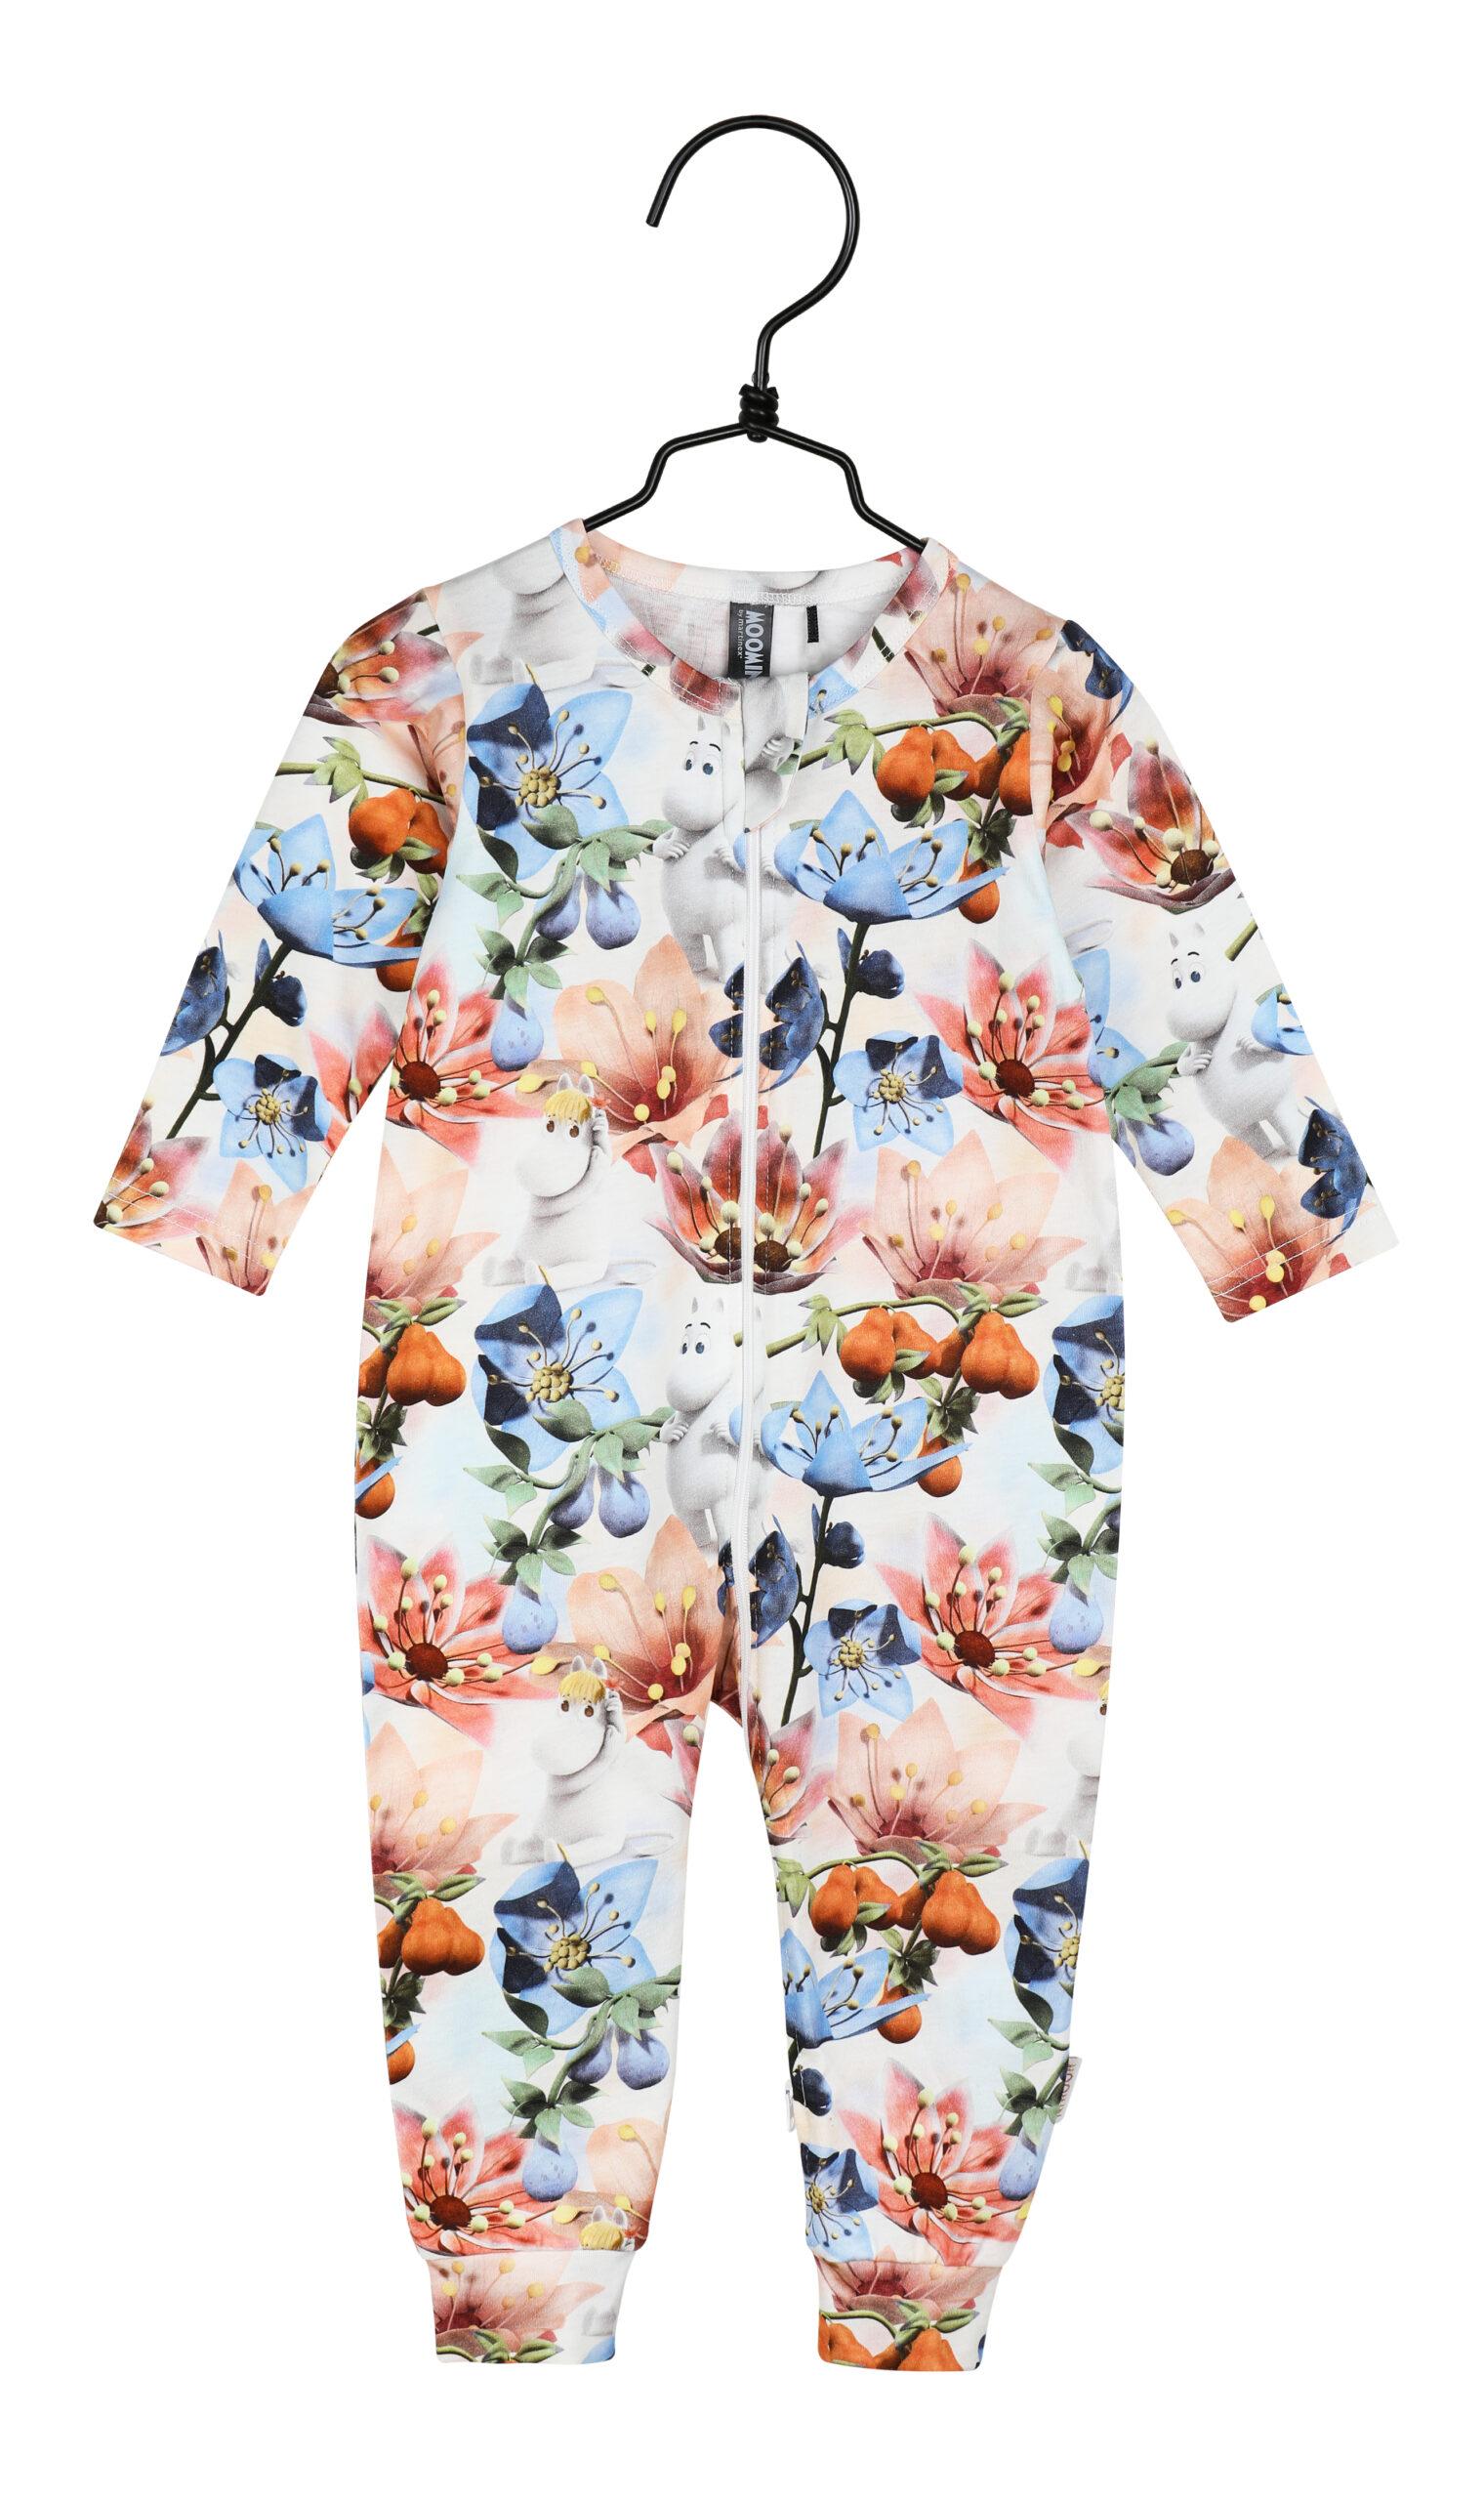 Martinex Moomin Anemone Pyjamas Rose